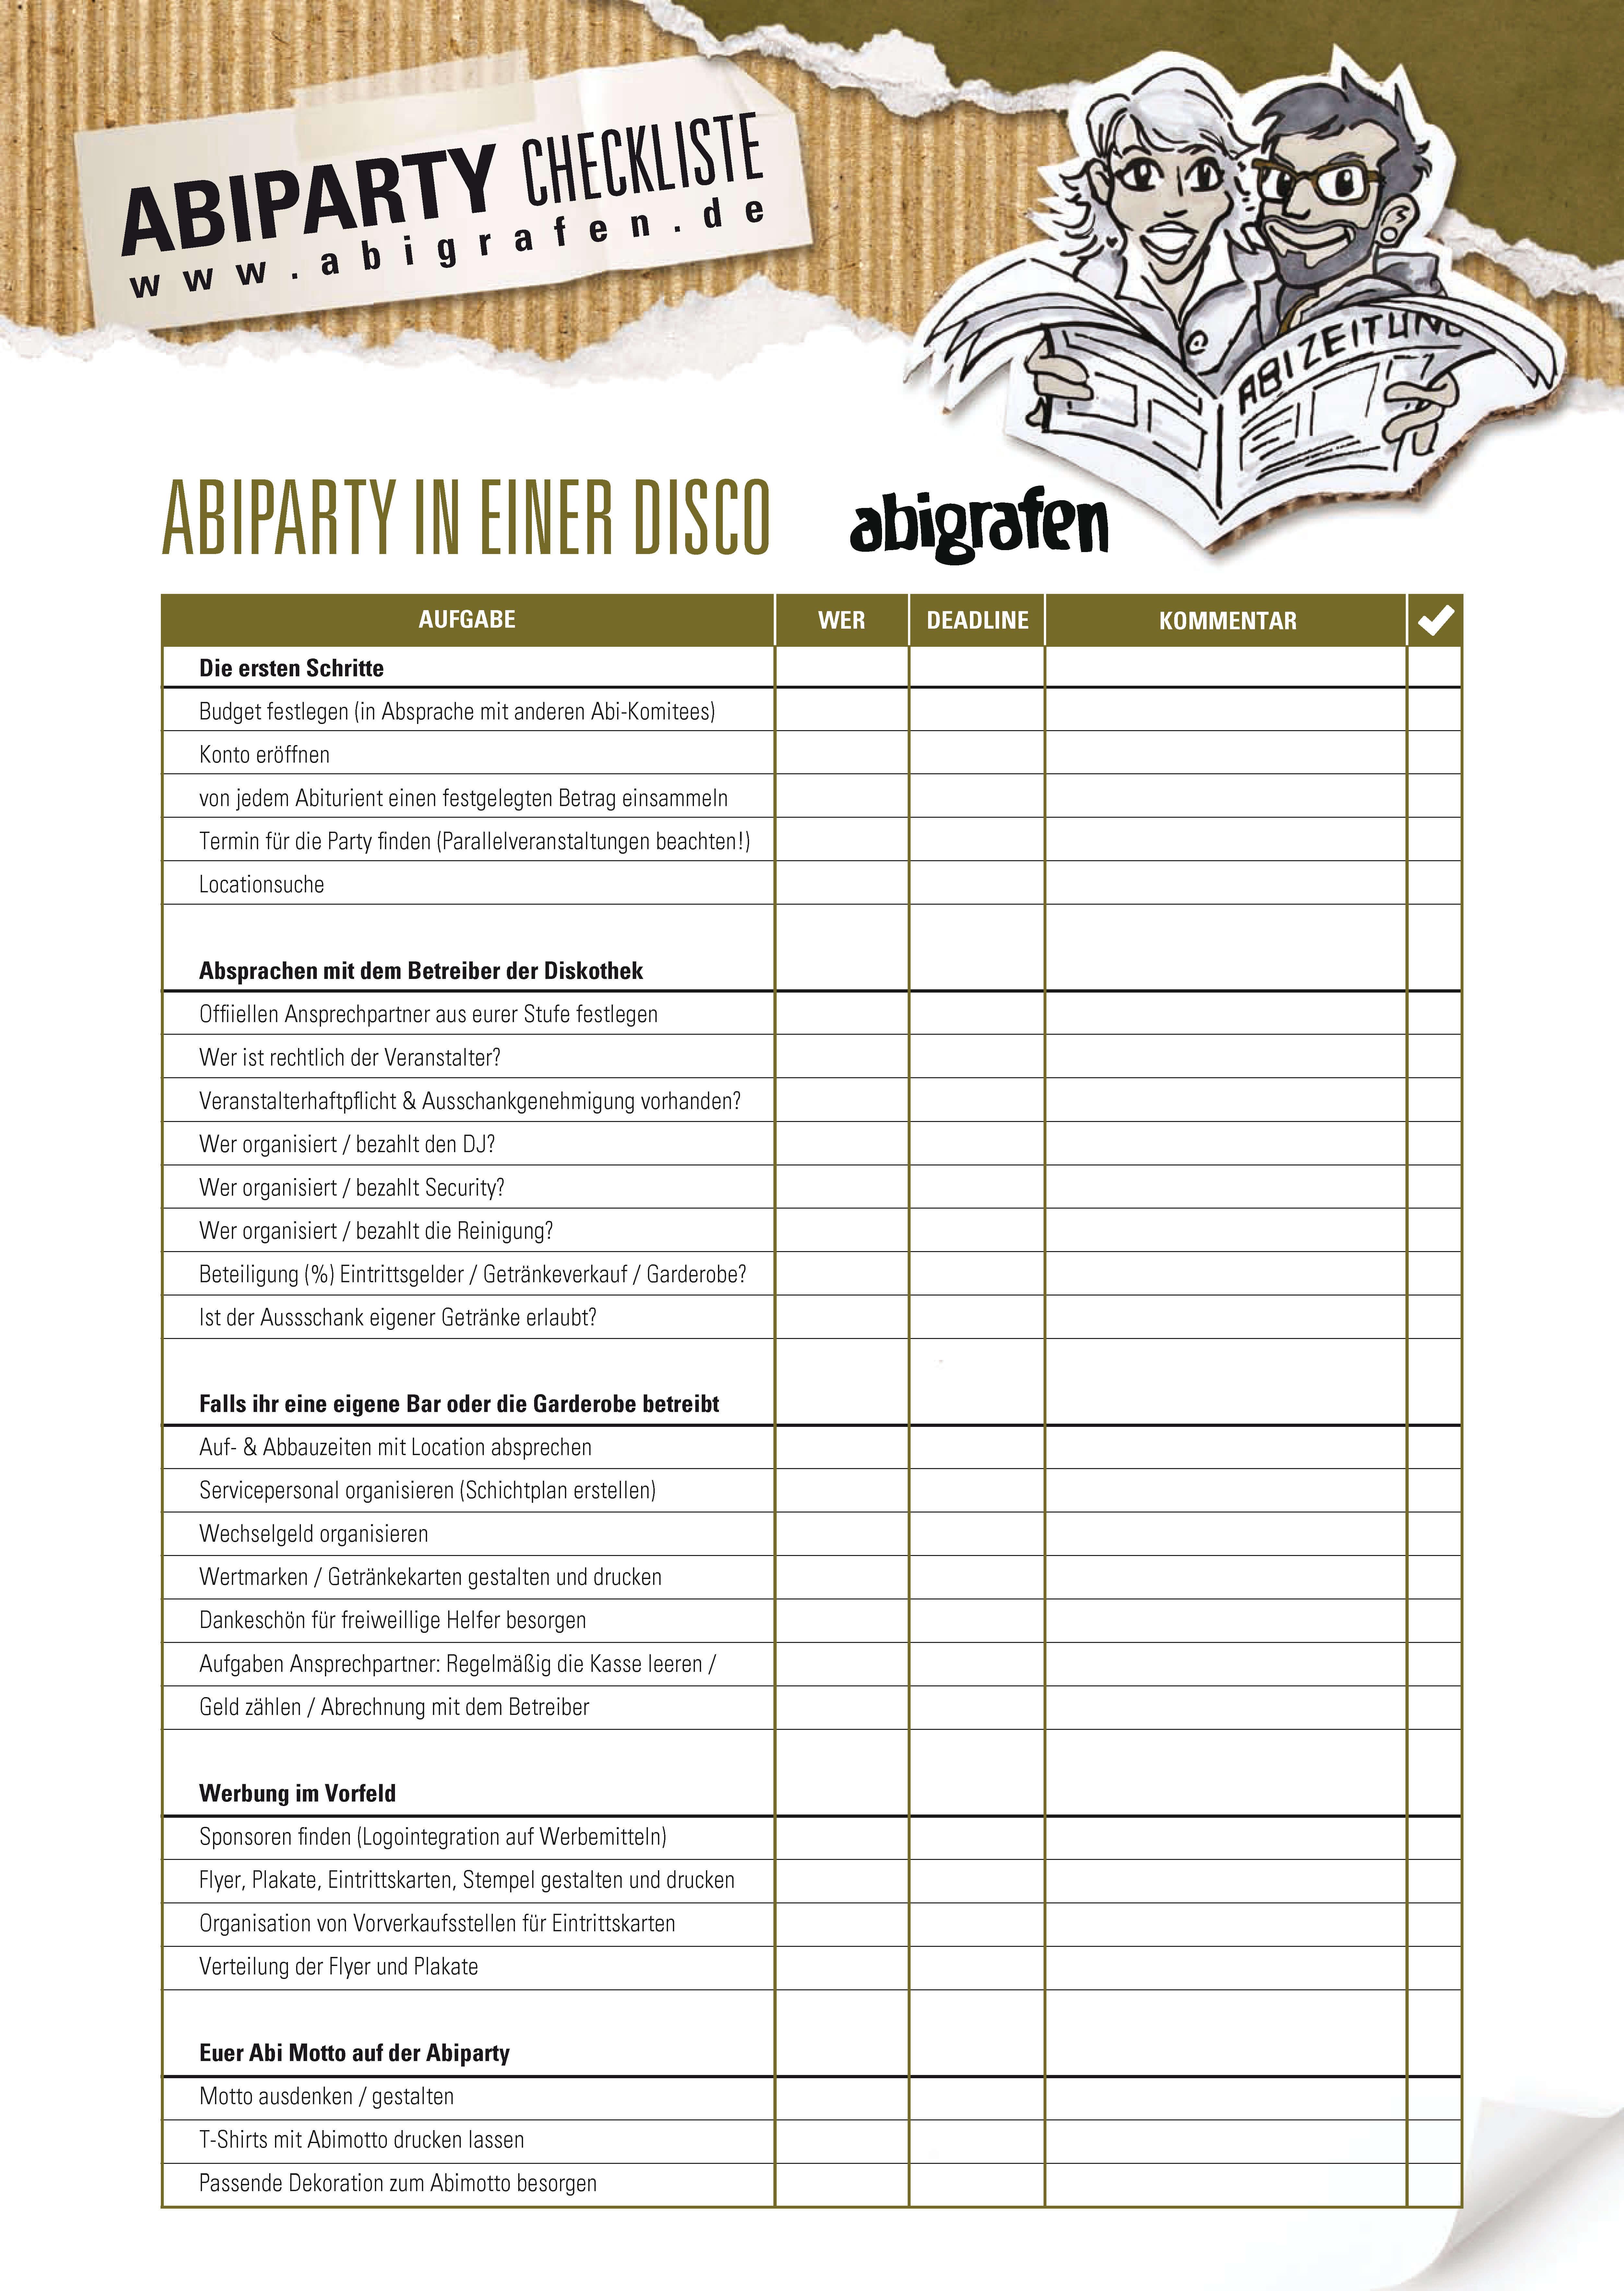 abigrafen.de - Checkliste für die Abiparty in der Discothek